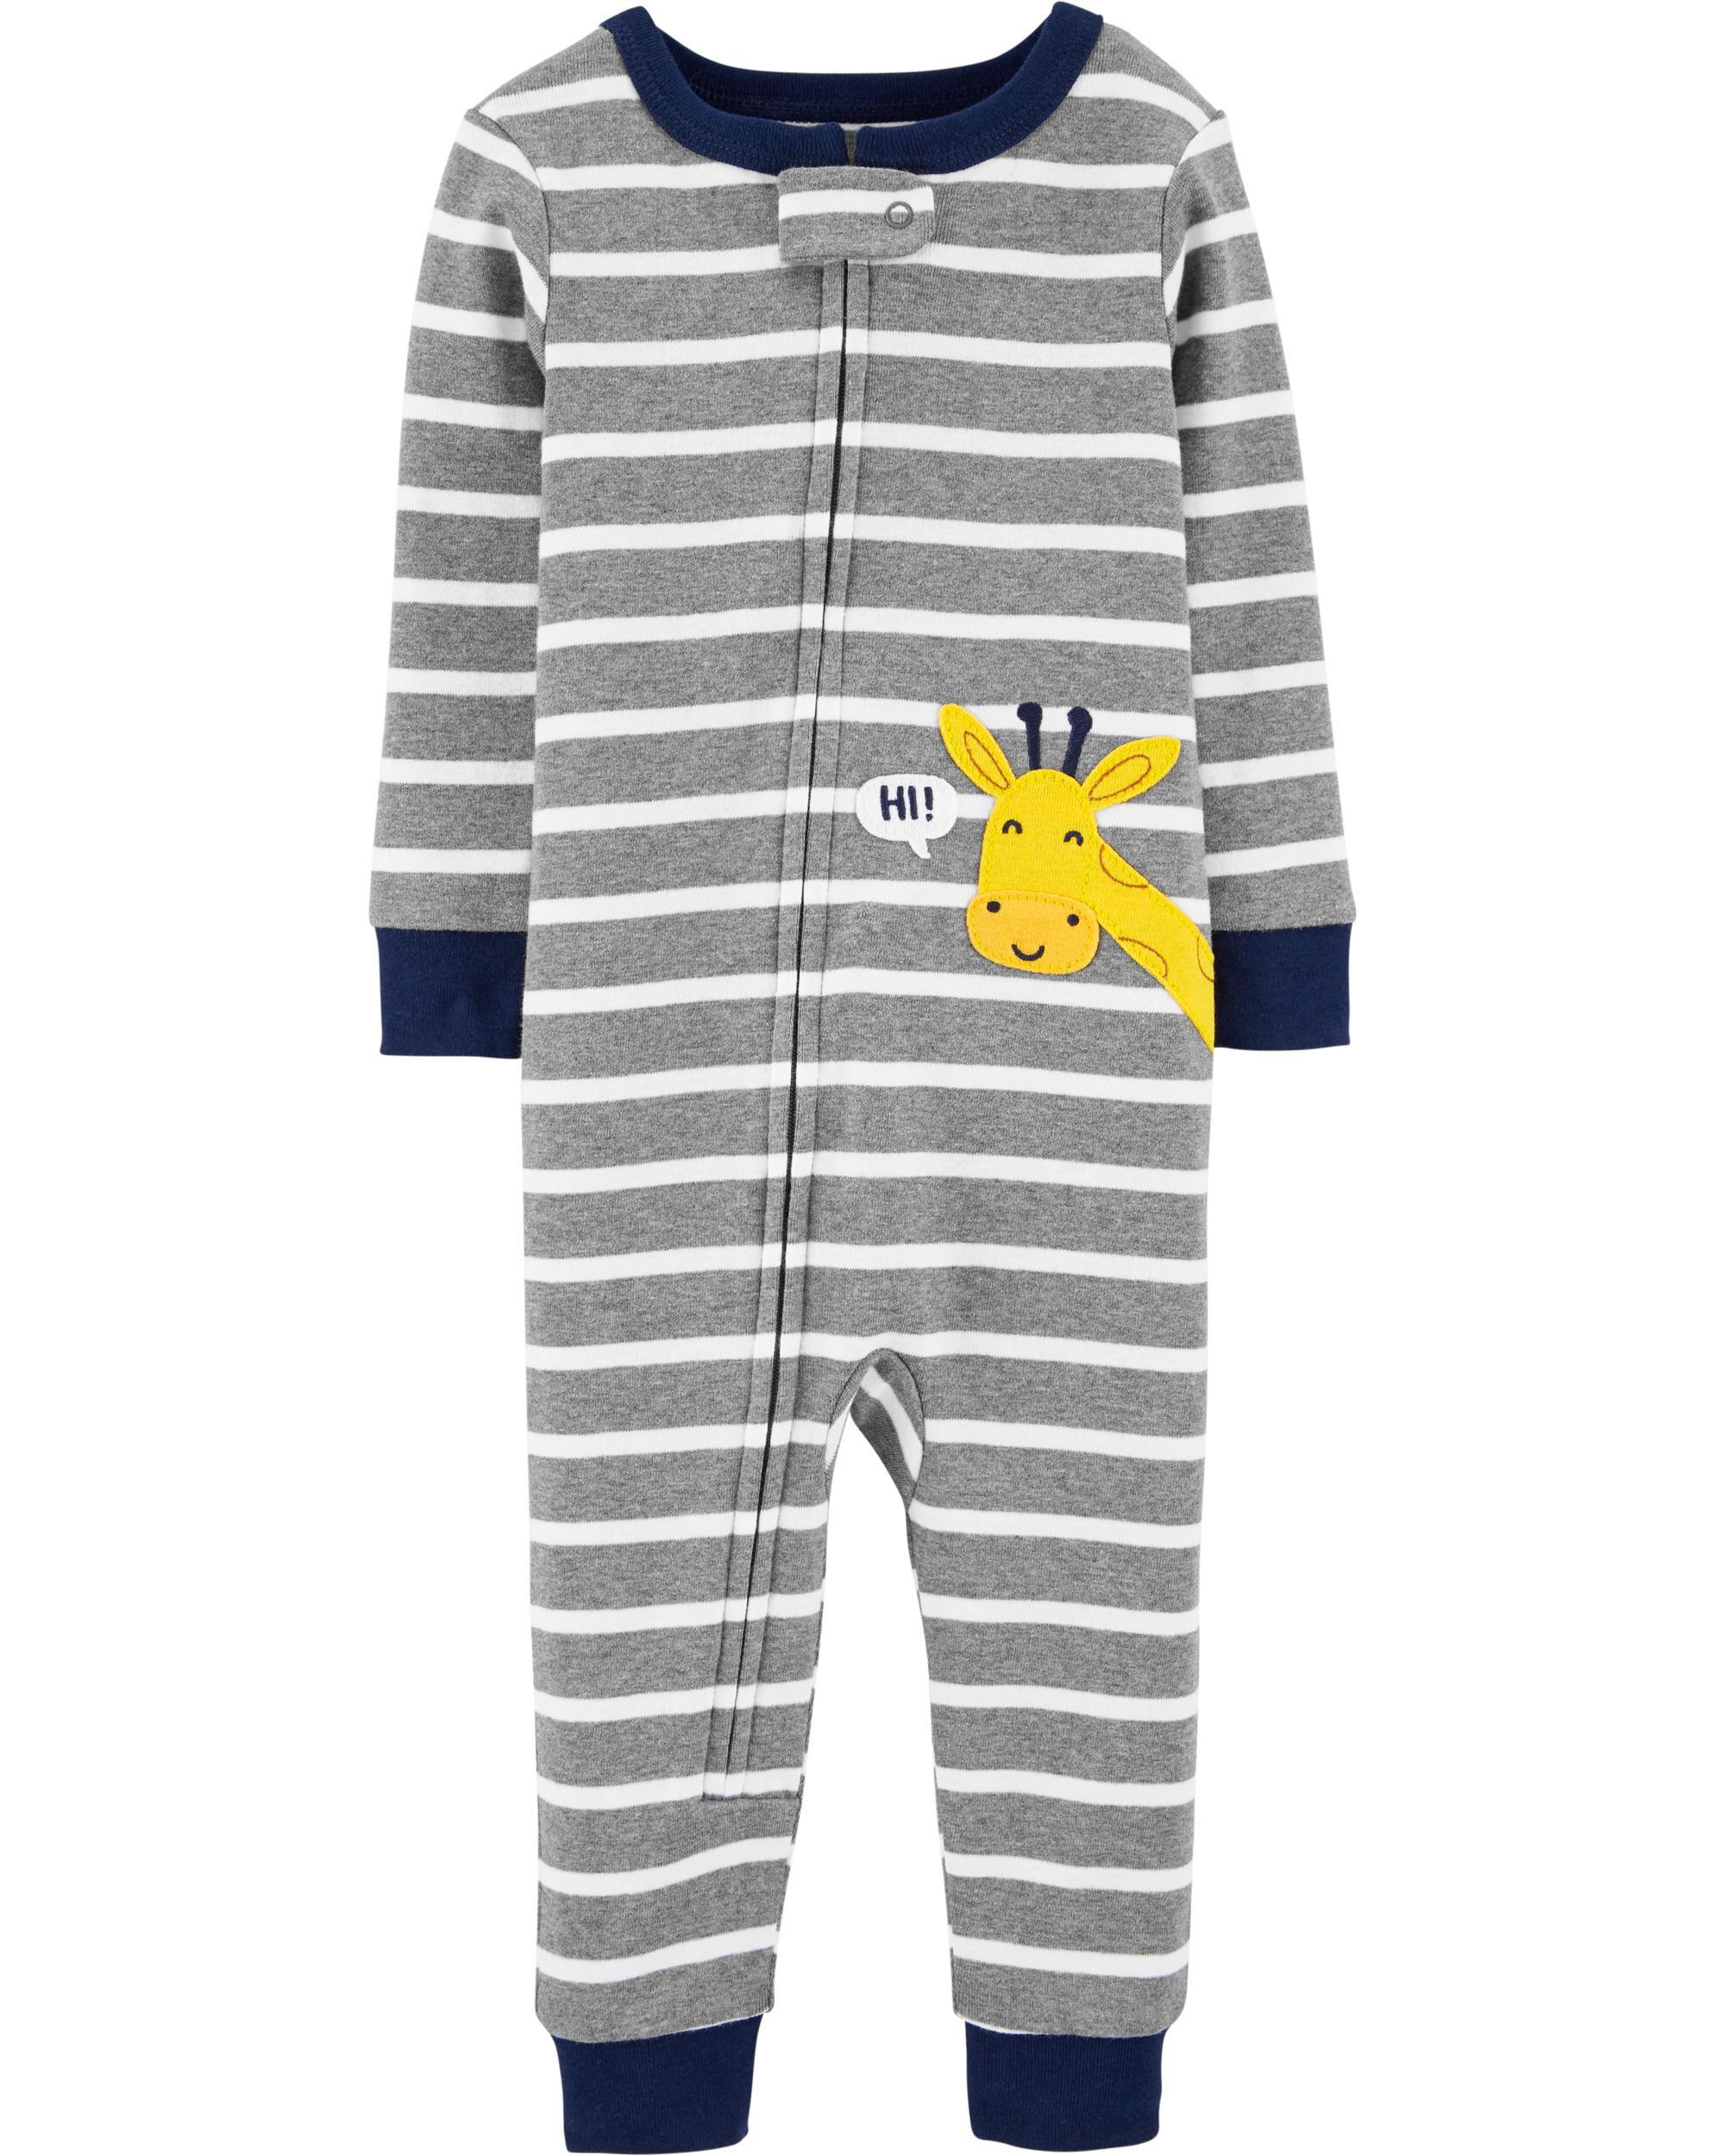 Carters 4-Piece Giraffe Snug Fit Cotton PJs